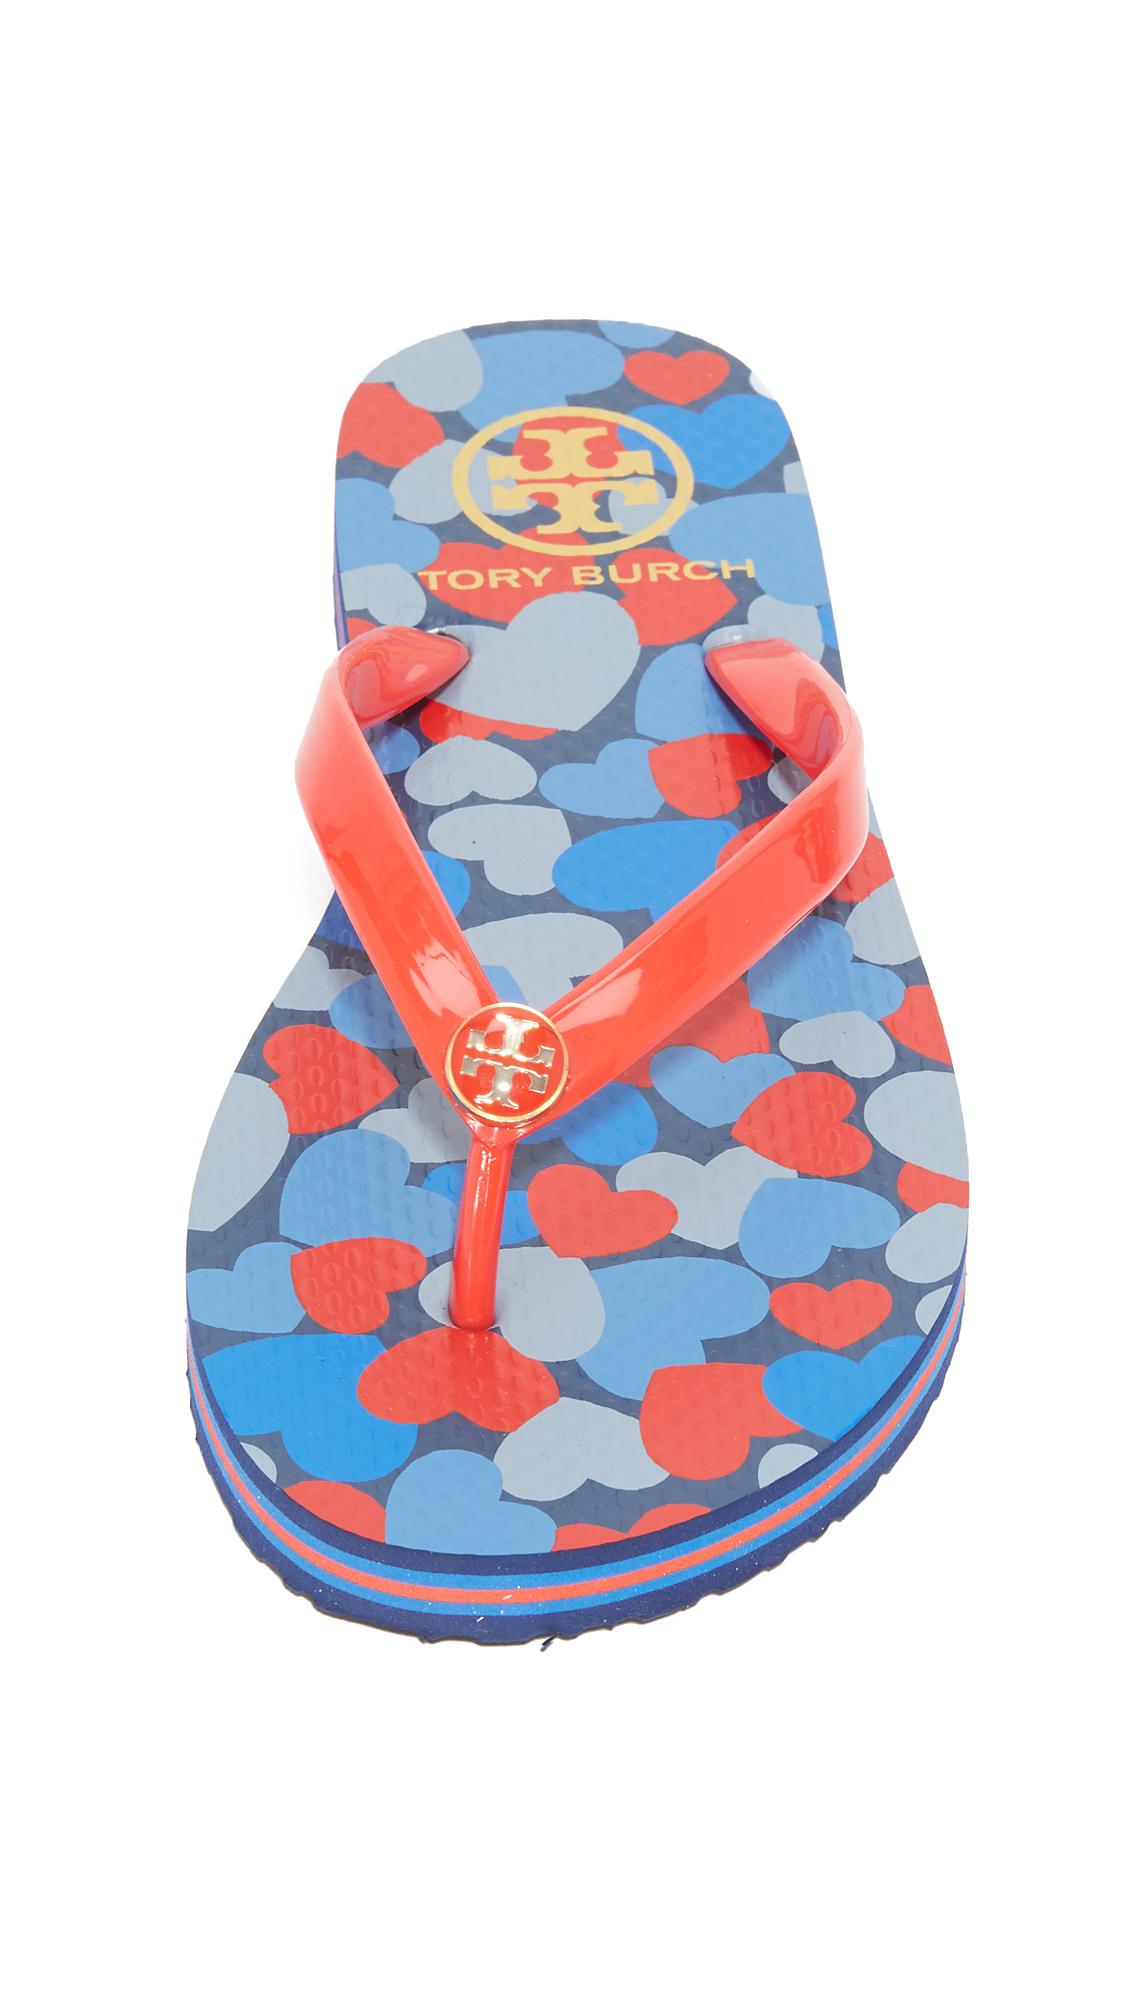 927043e936e5 Tory Burch Classic Striped Flip Flops